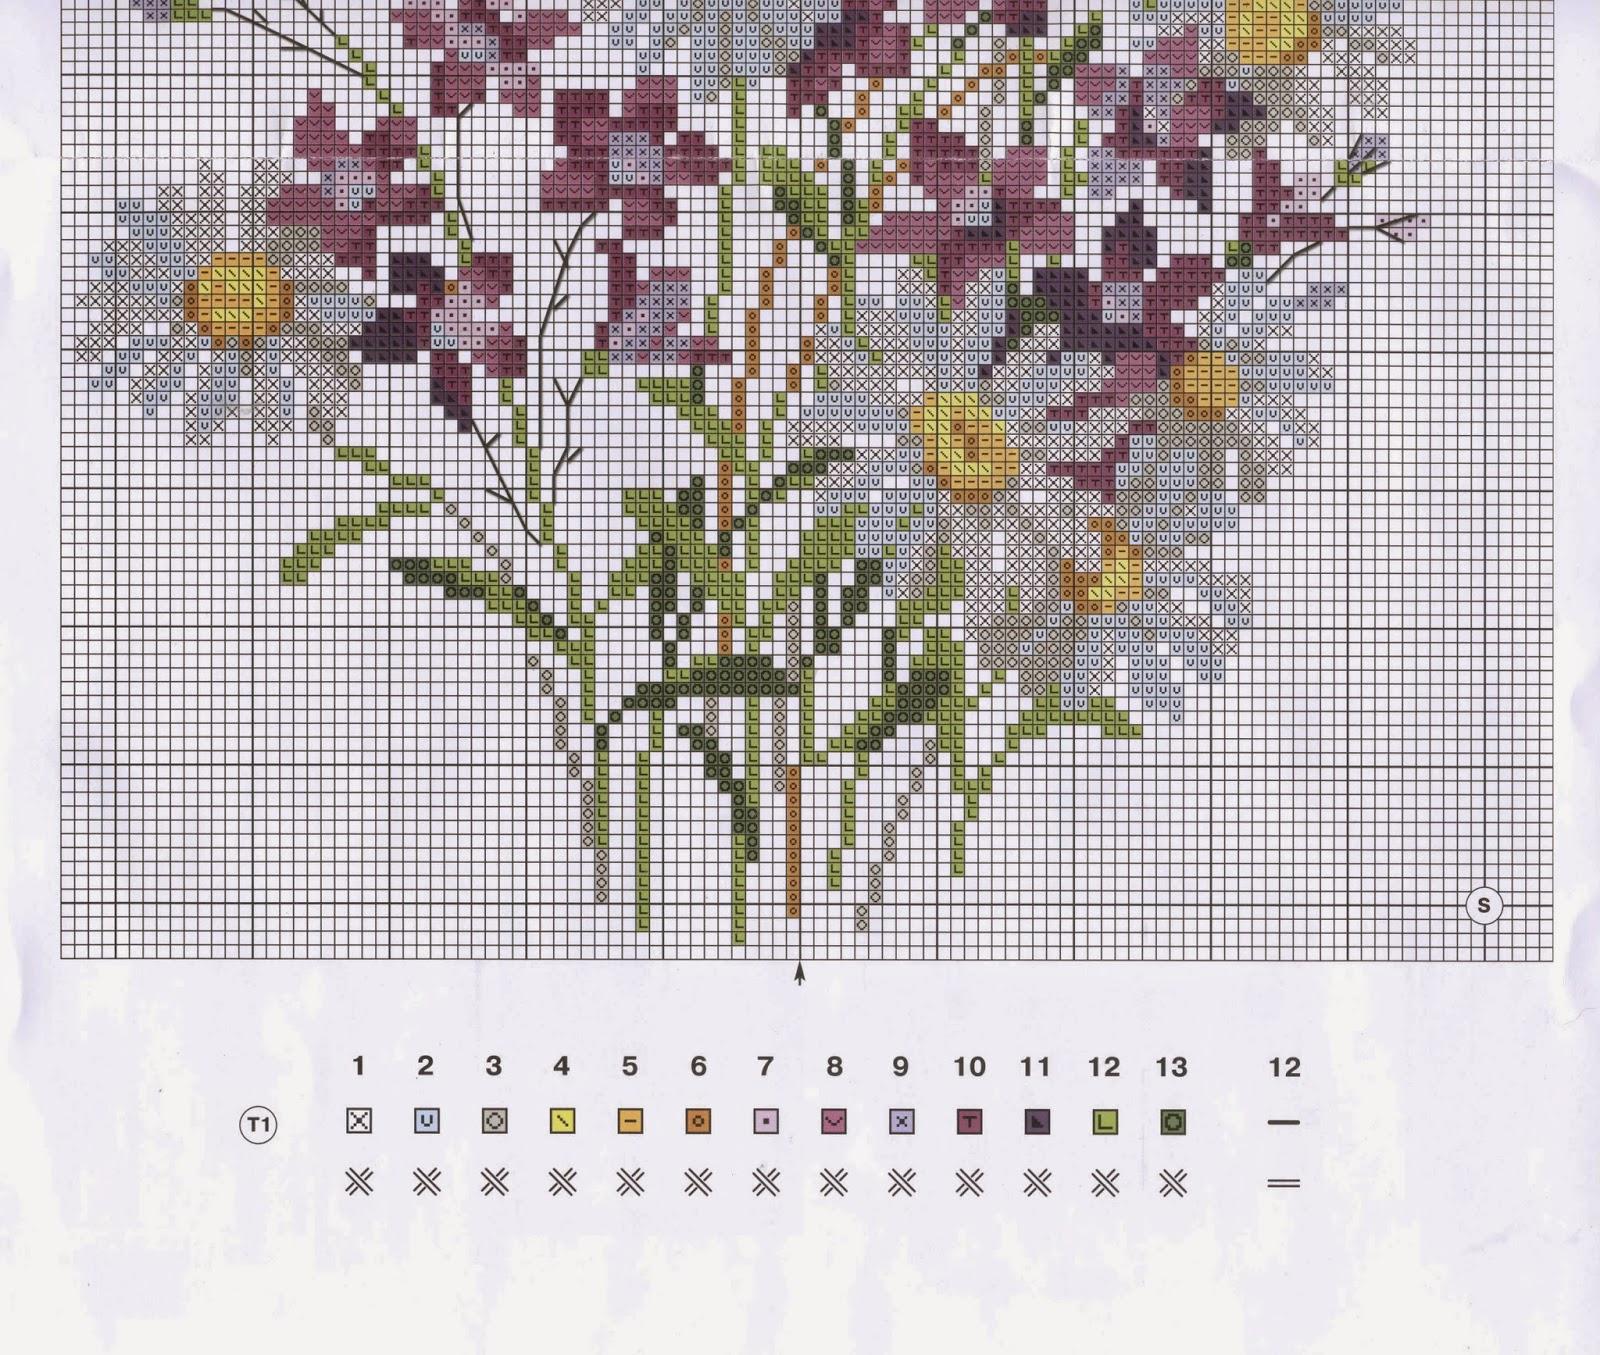 Цветы - Схемы в XSD - Кладовочка схем - вышивка крестиком 24